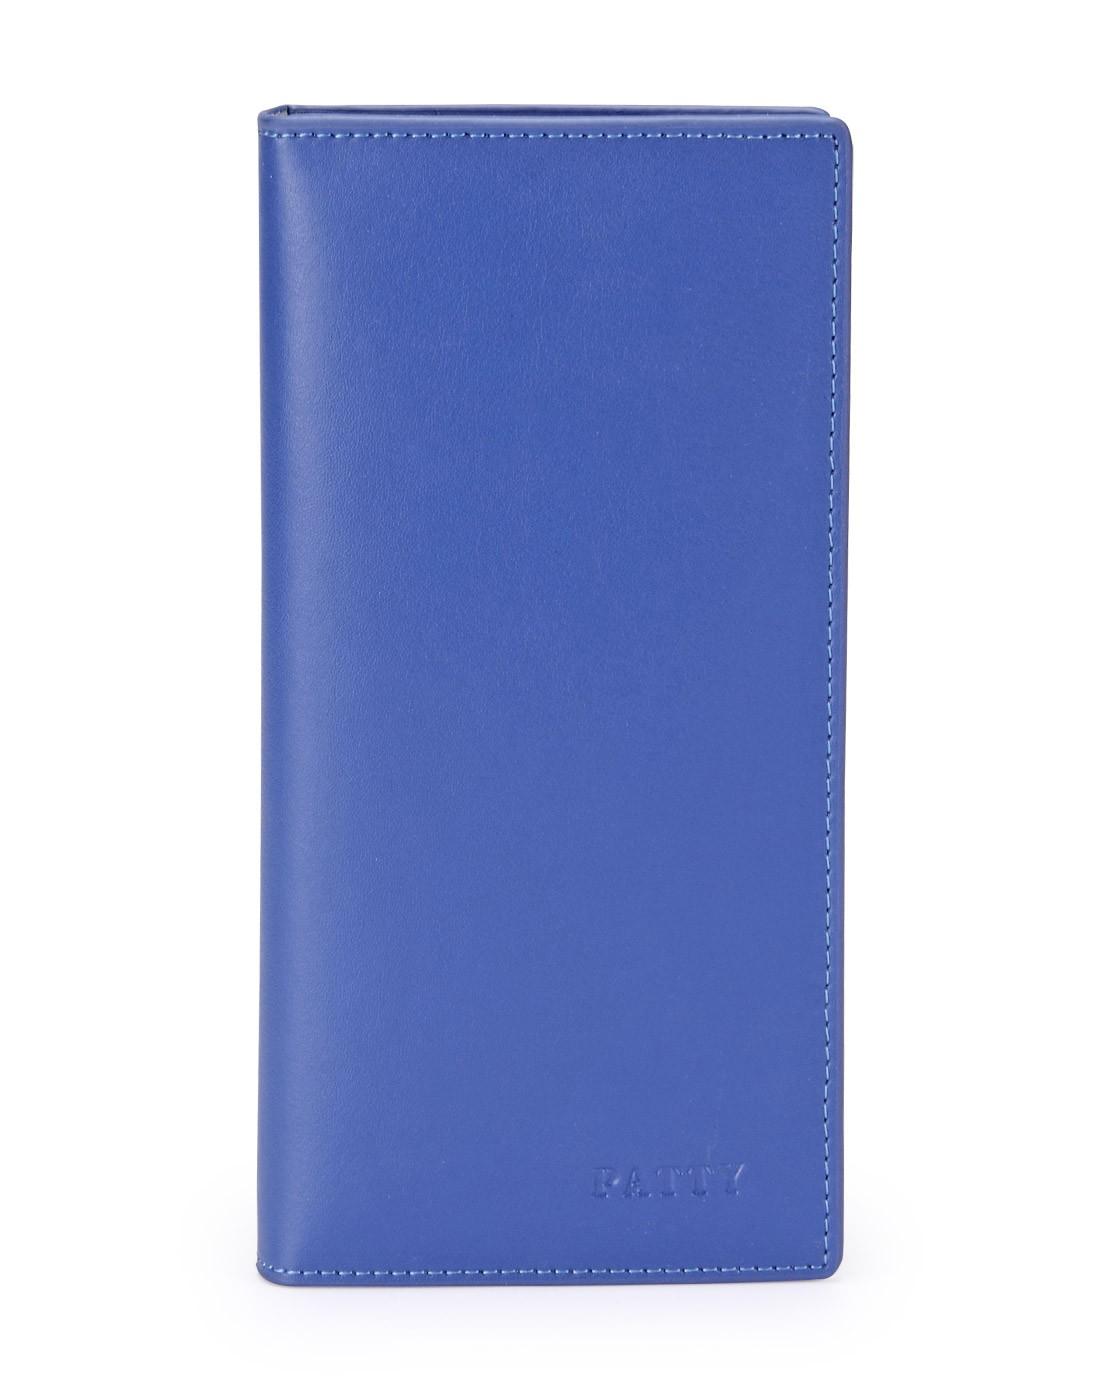 蓝色素雅简约纯色牛皮钱包